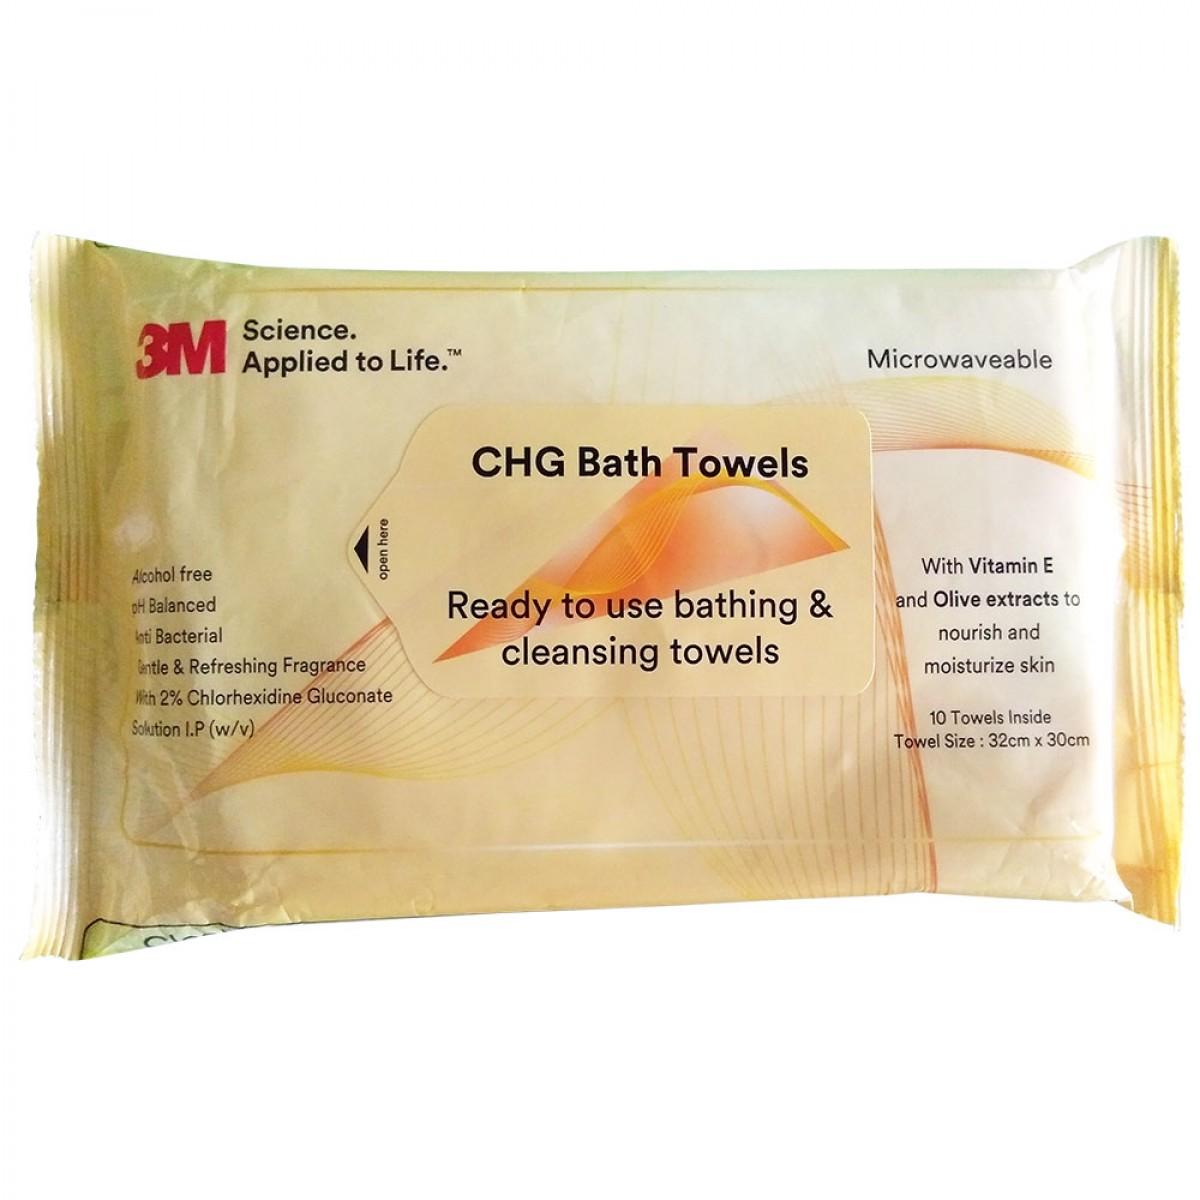 CHG BATH TOWELS